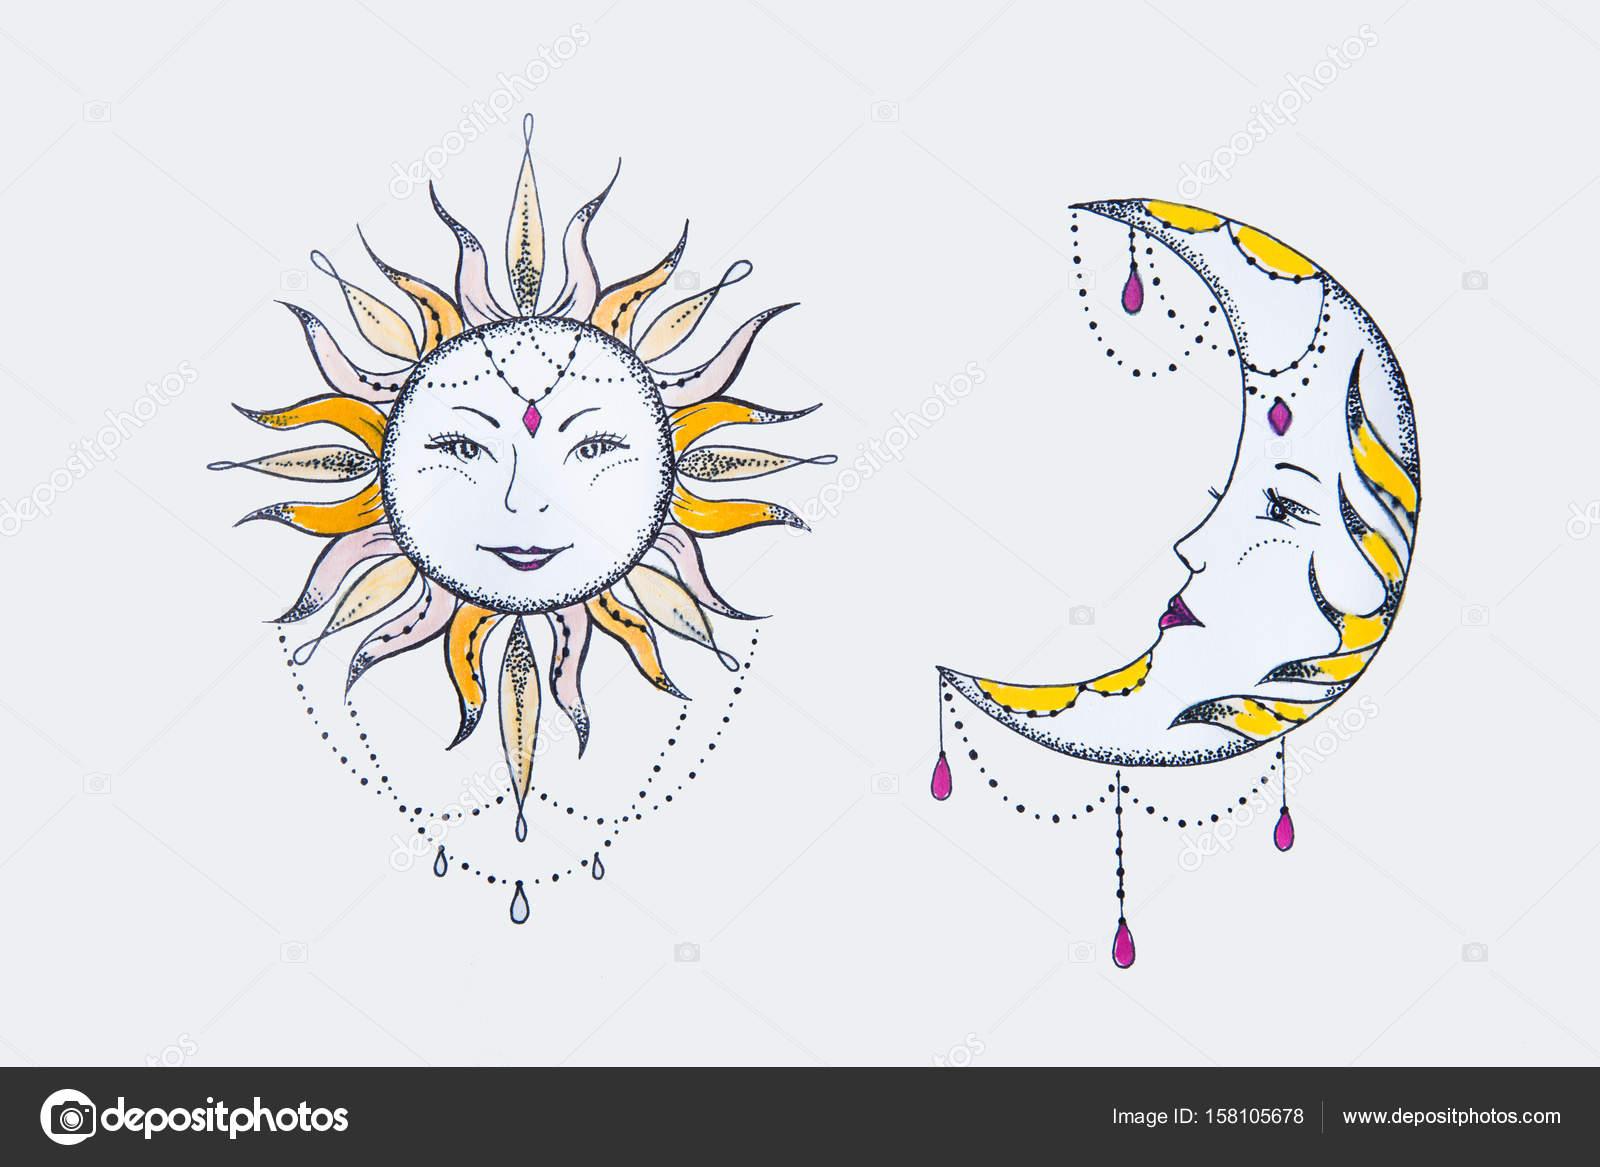 Dibujo Del Sol Y La Luna Contra Un Fondo Blanco Fotos De Stock